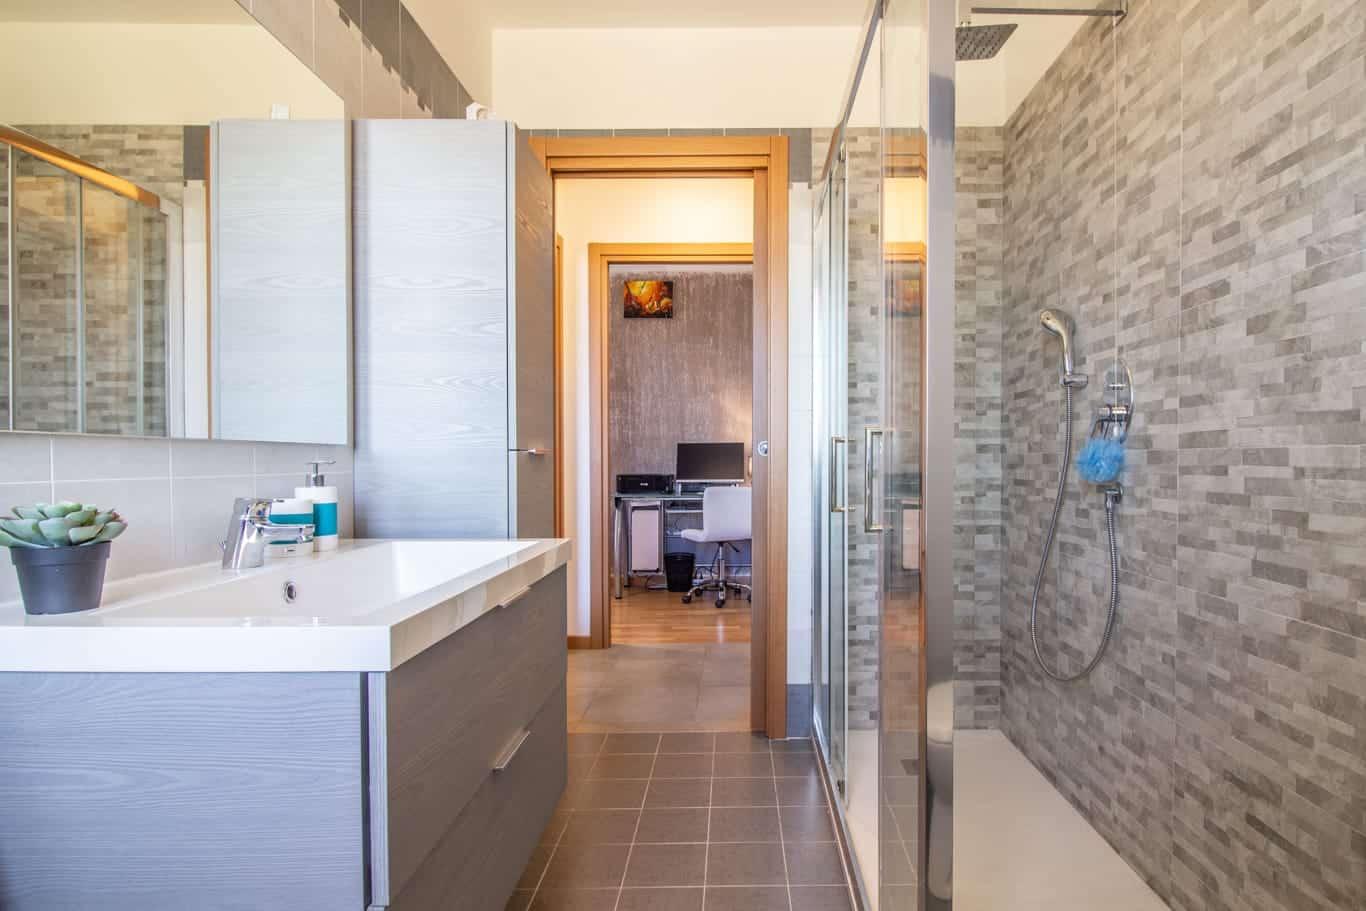 homelead-immobiliare-appartamento-vallenoncello-piazza-valle (3 of 8)